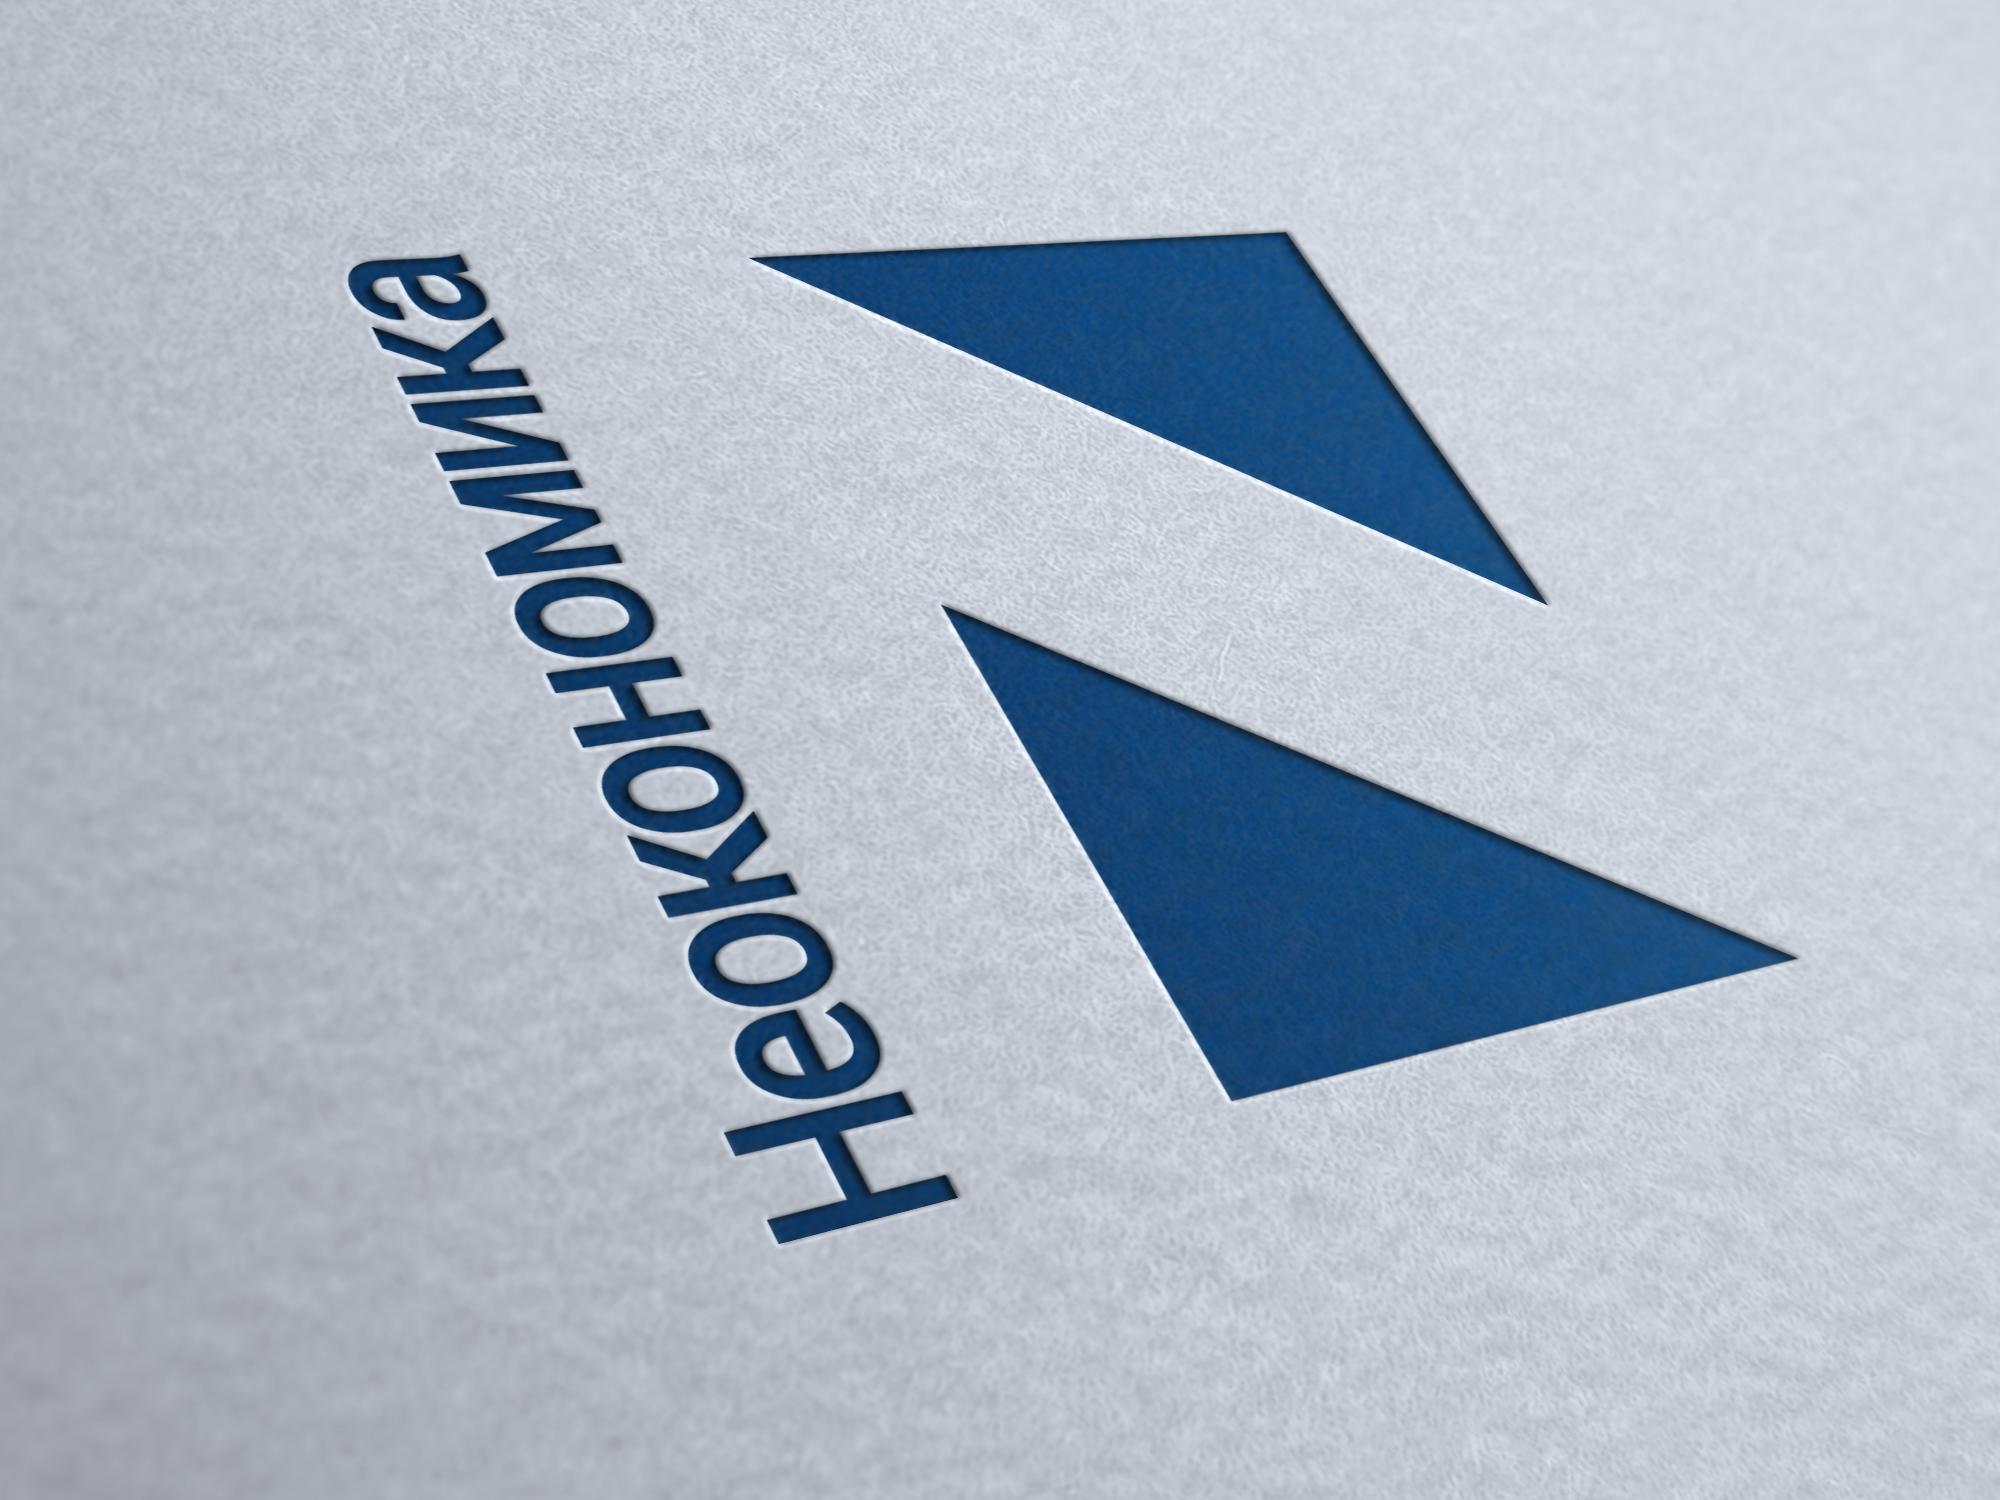 Neoconomica logotype